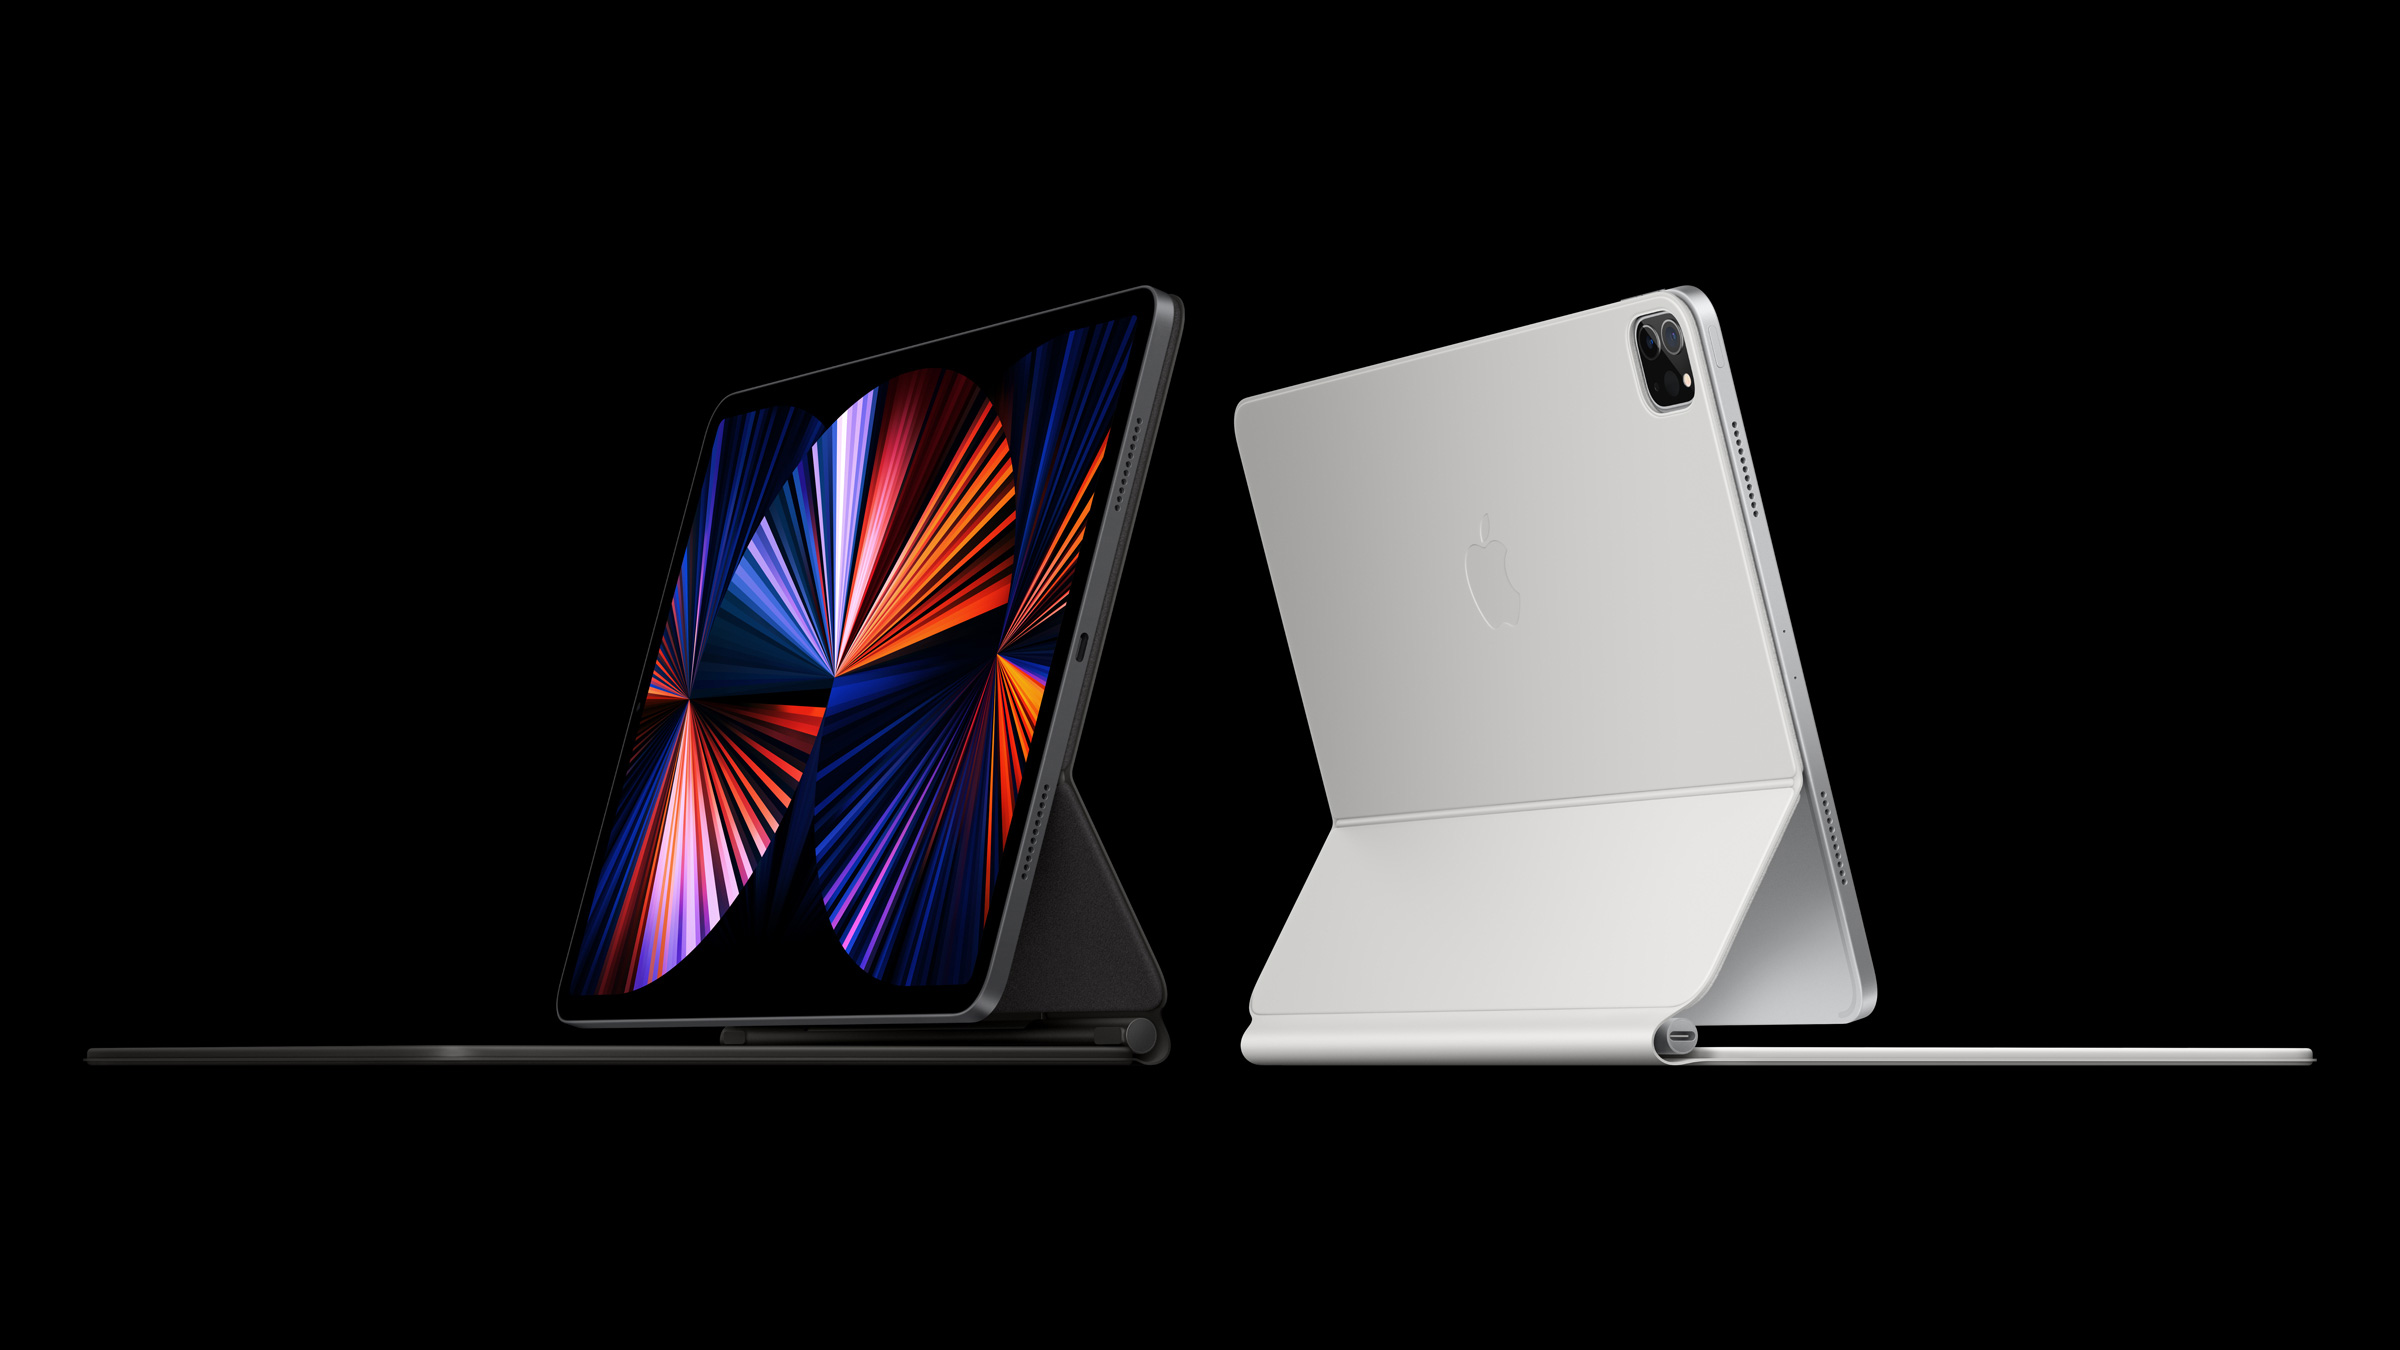 壊れた12.9インチのM1 iPad ProをAppleCare+なしで修理するには85,580円 かかる